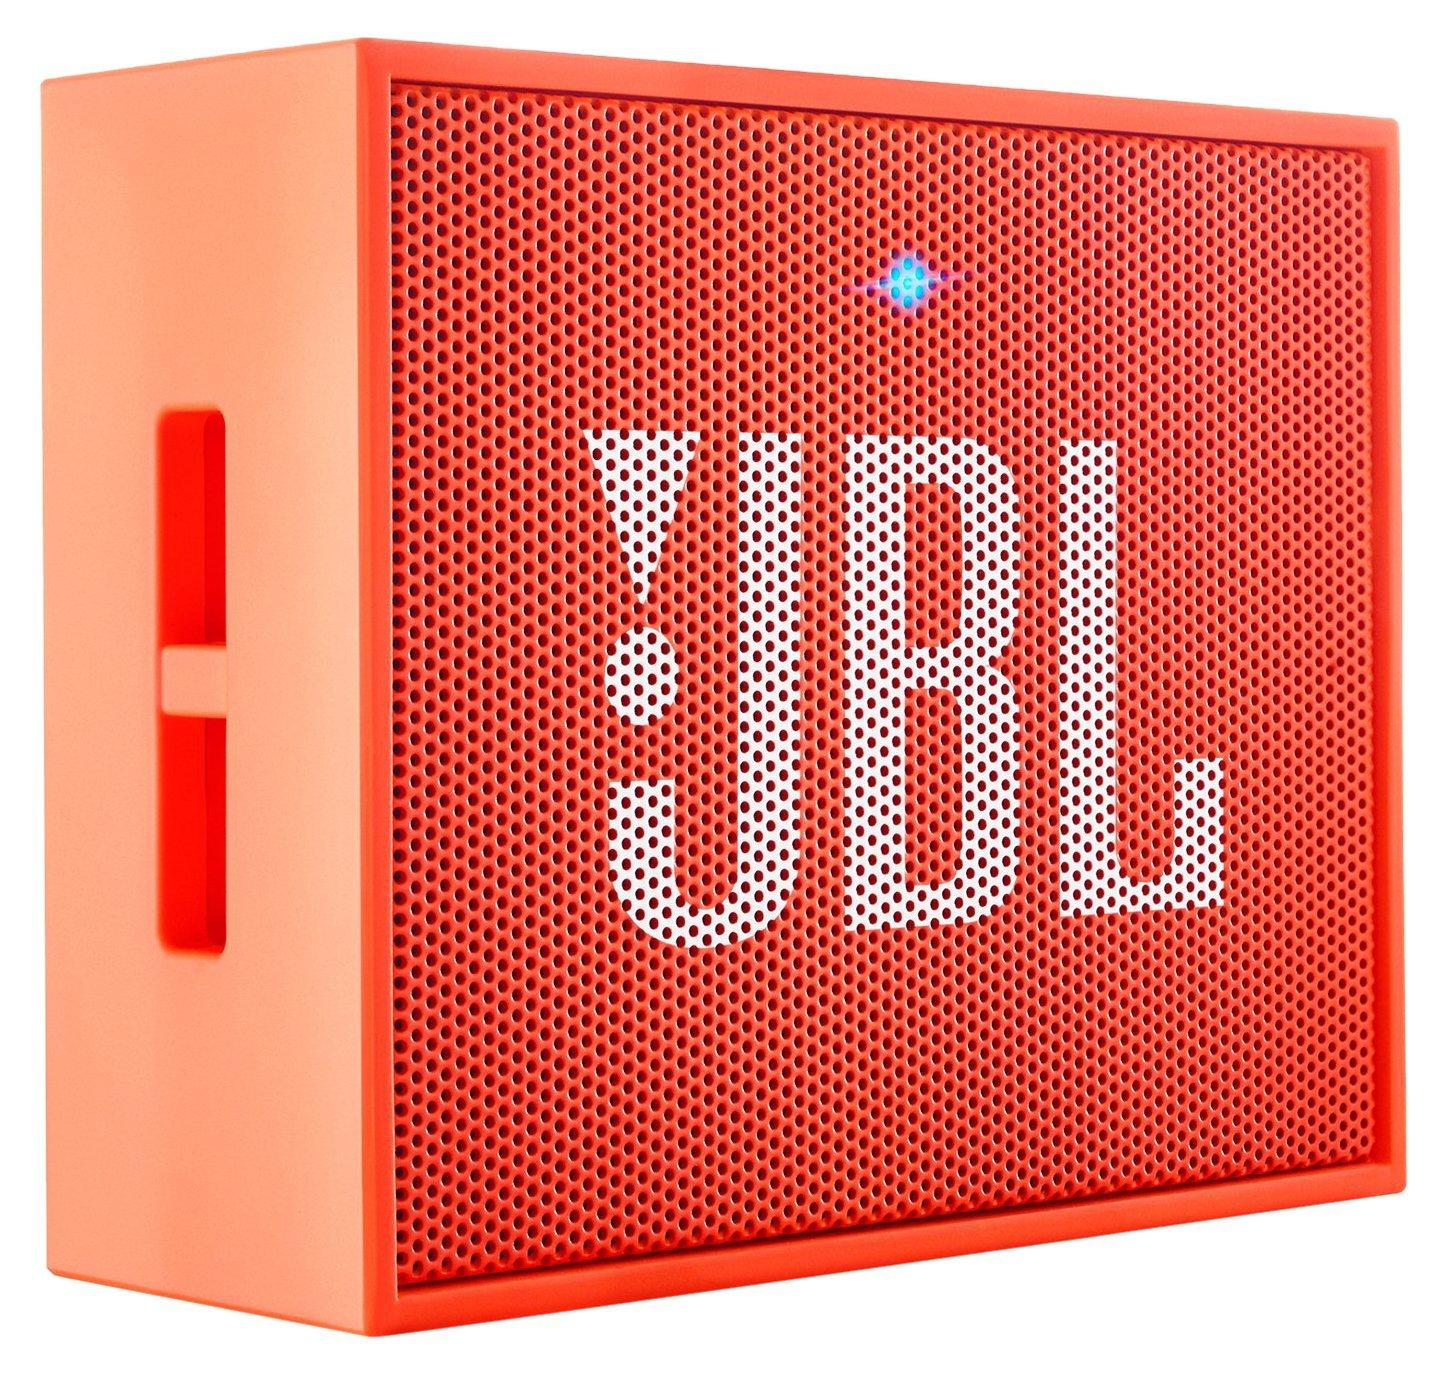 Enceinte Bluetooth portable JBL Go - Orange